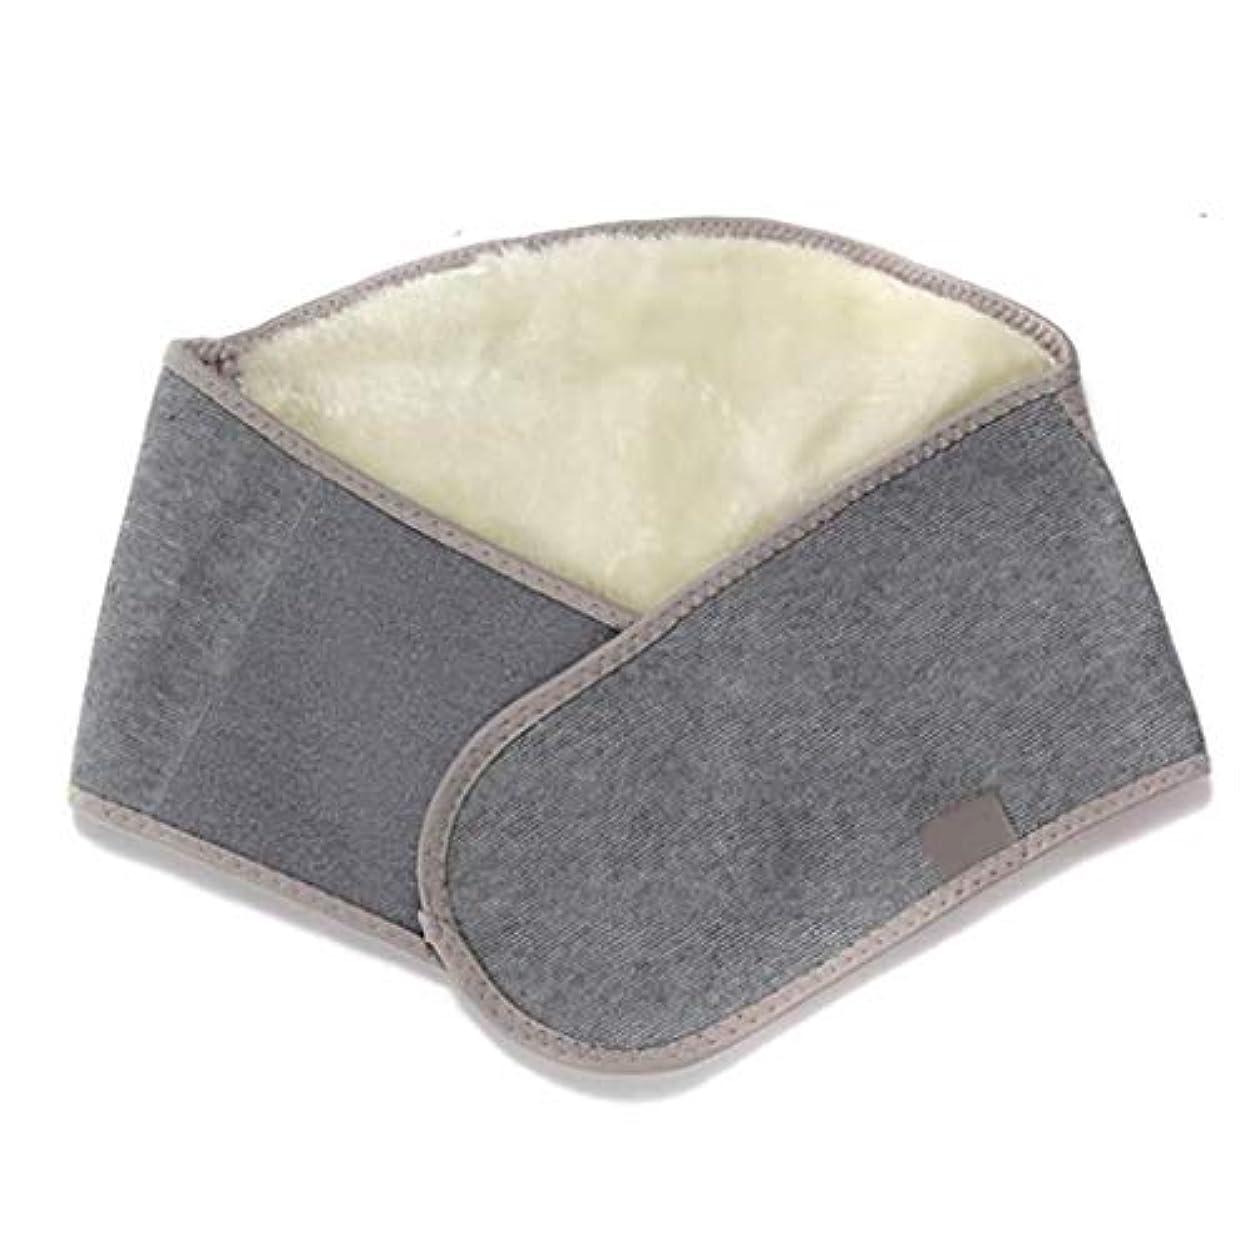 ベーコン三角比べる戻る/腰サポートベルト、竹炭カシミヤベルト背面通気性を温め、痛みや防ぐ傷害を和らげます